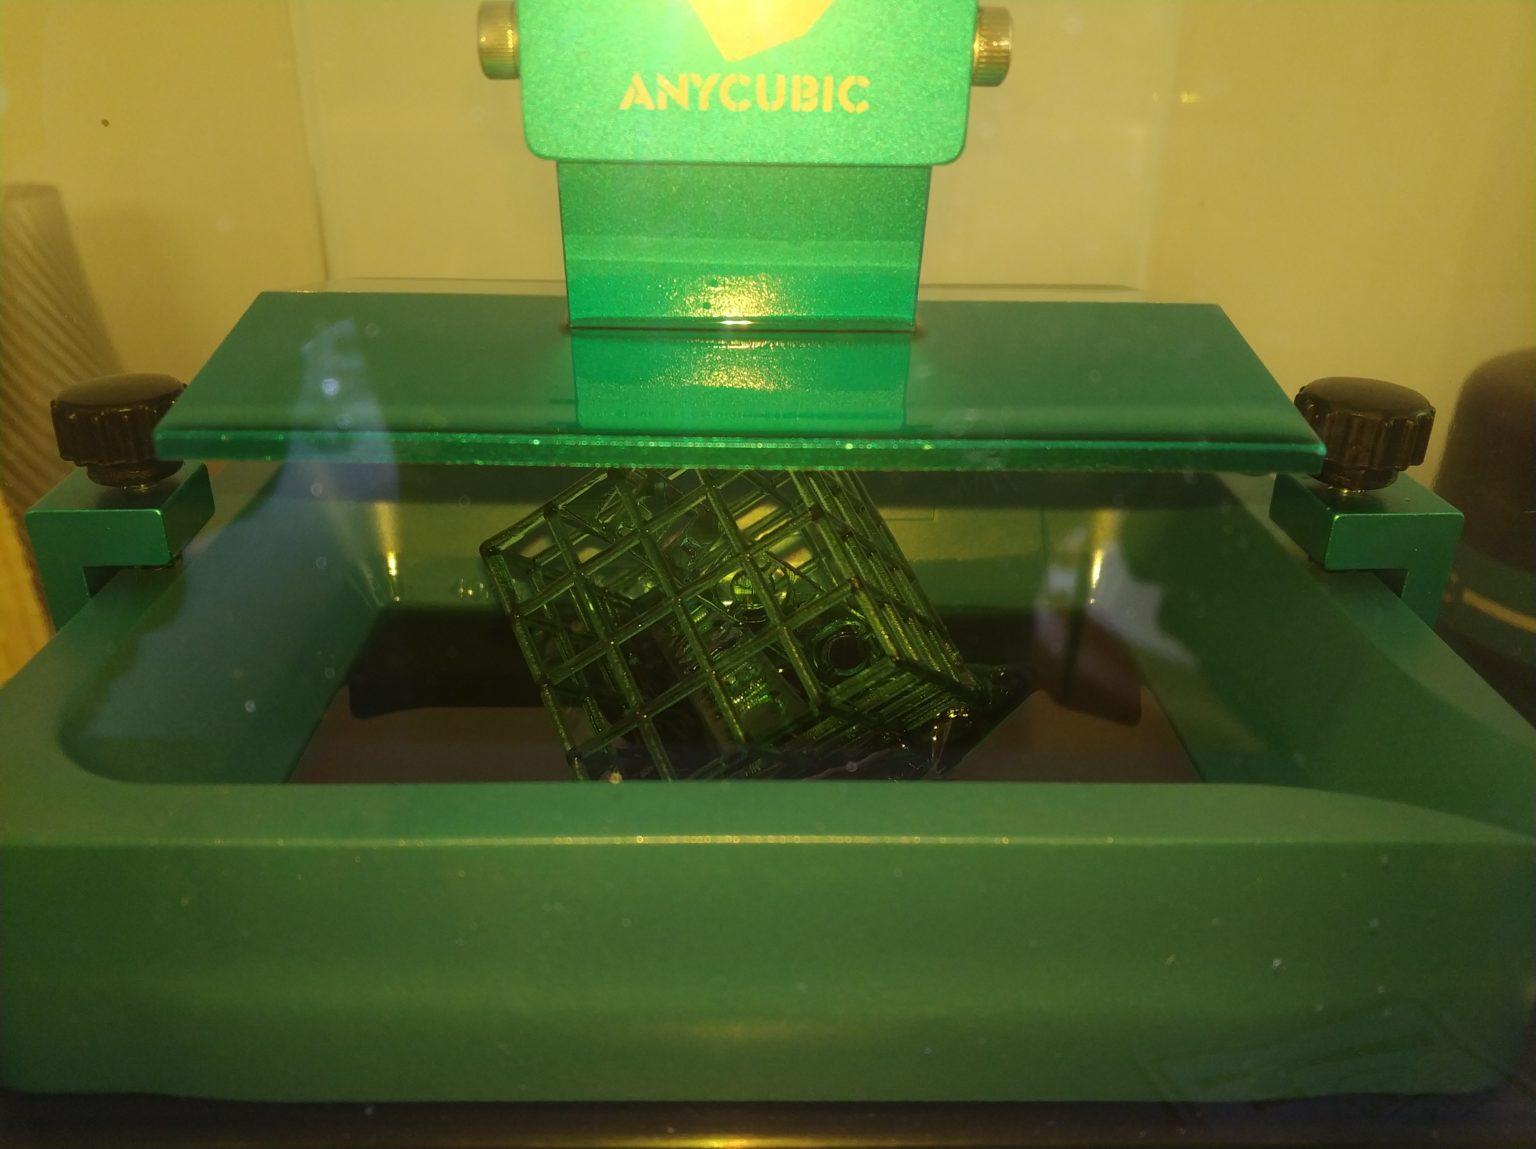 Impresión de prueba con la Anycubic Photon Zero en proceso